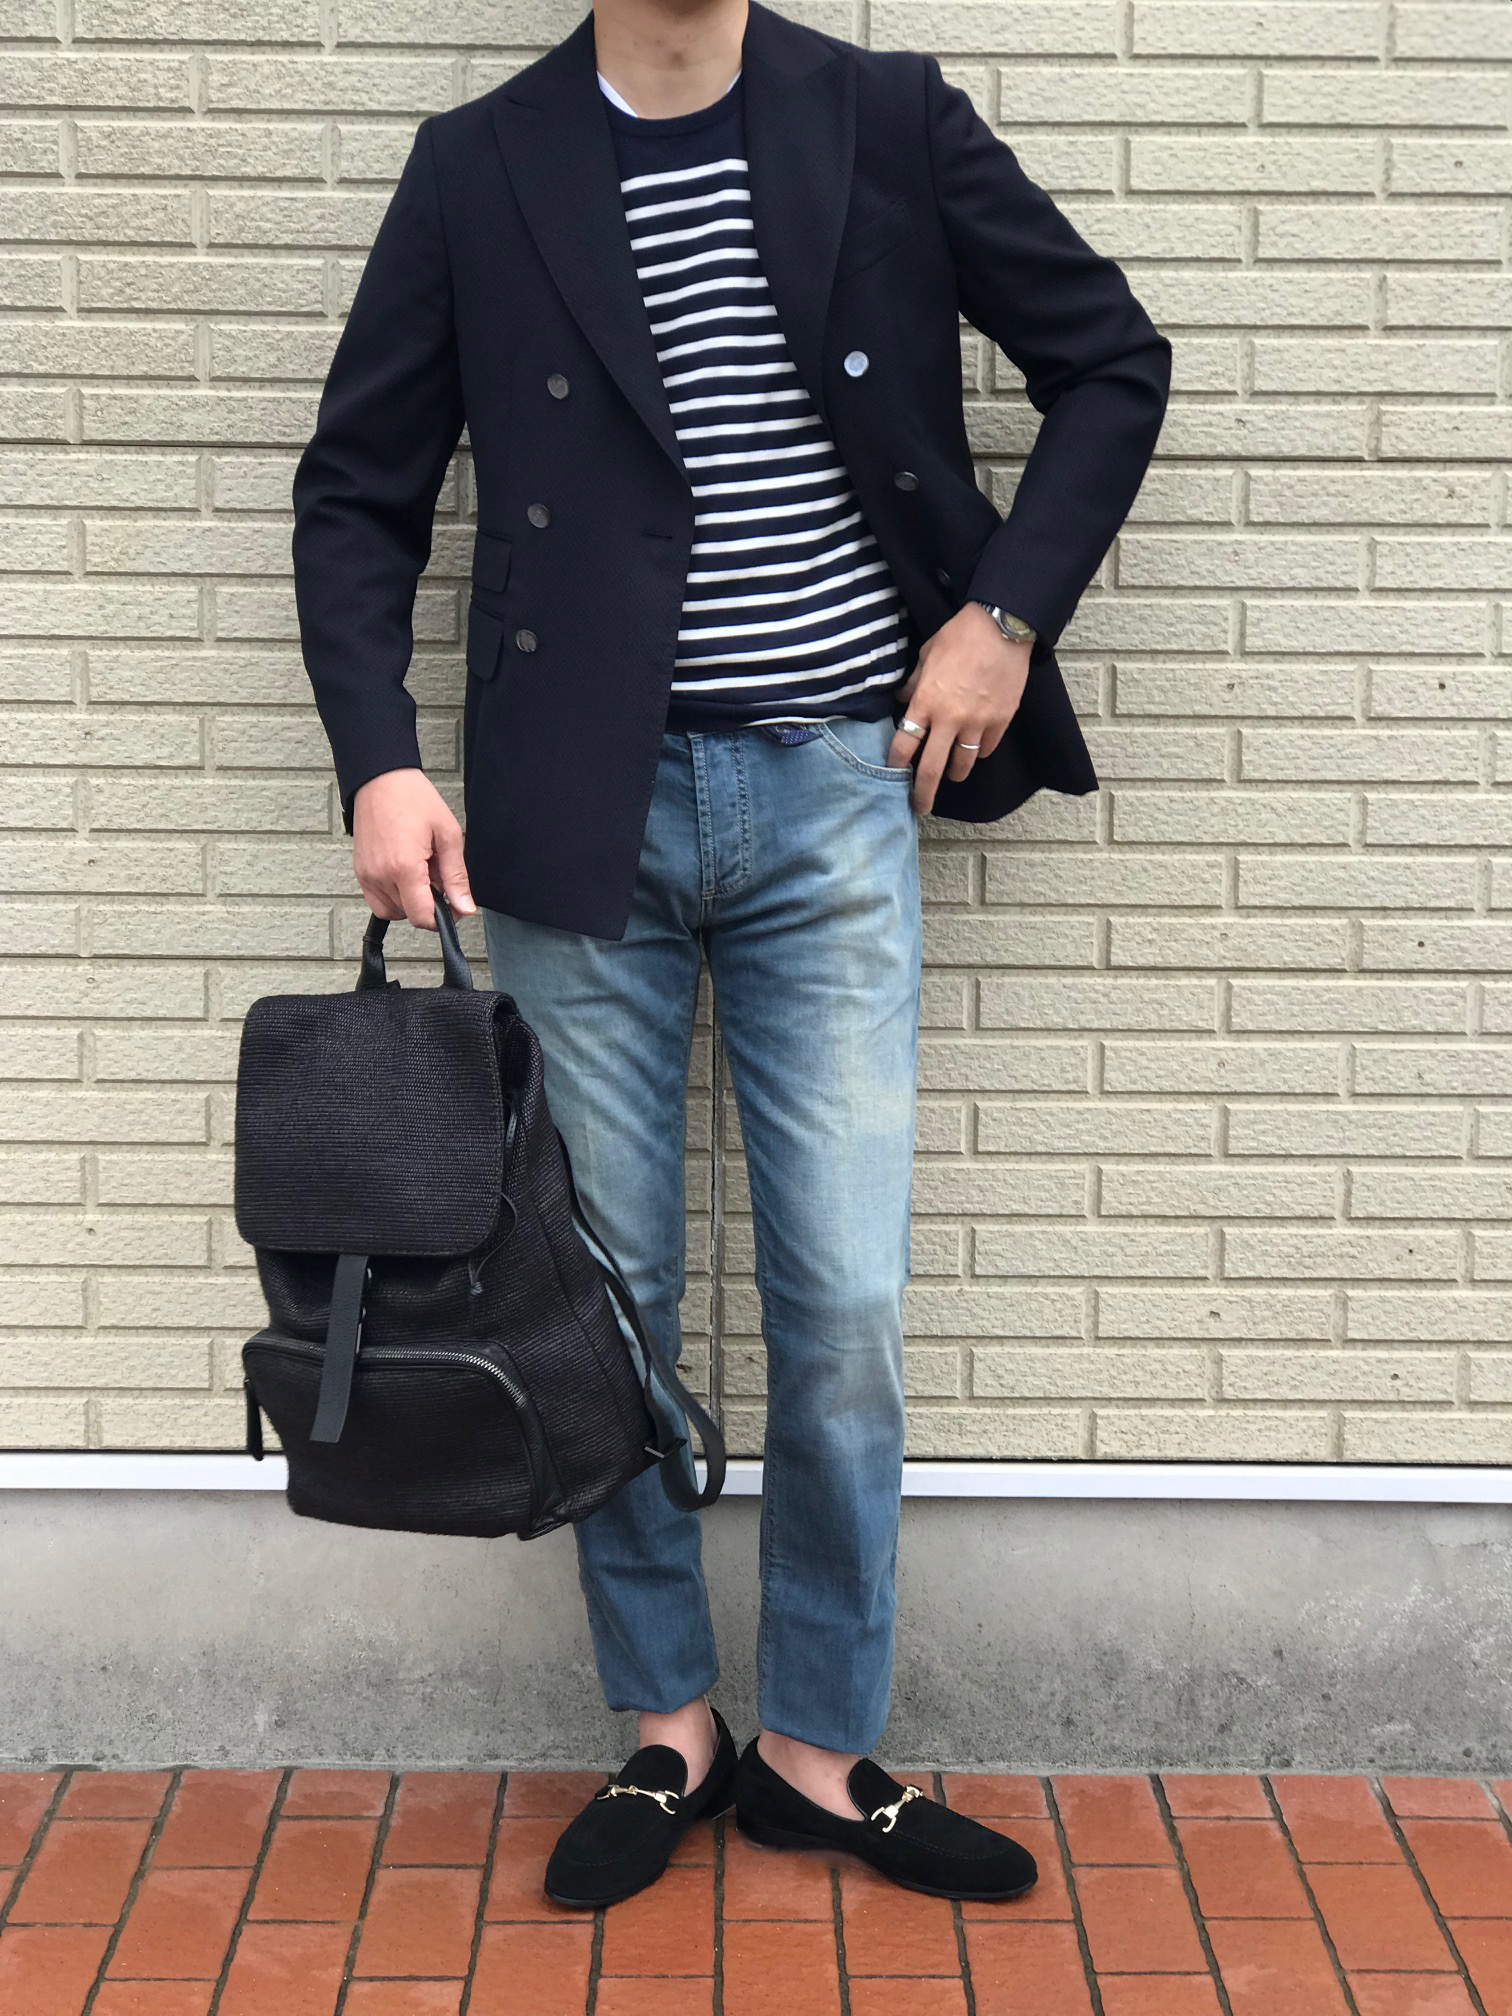 カーディガンのように羽織るダブルブレスト! 【THE GIGI】「MIRO」ハニカム風ネイビーダブルブレストジャケット!!